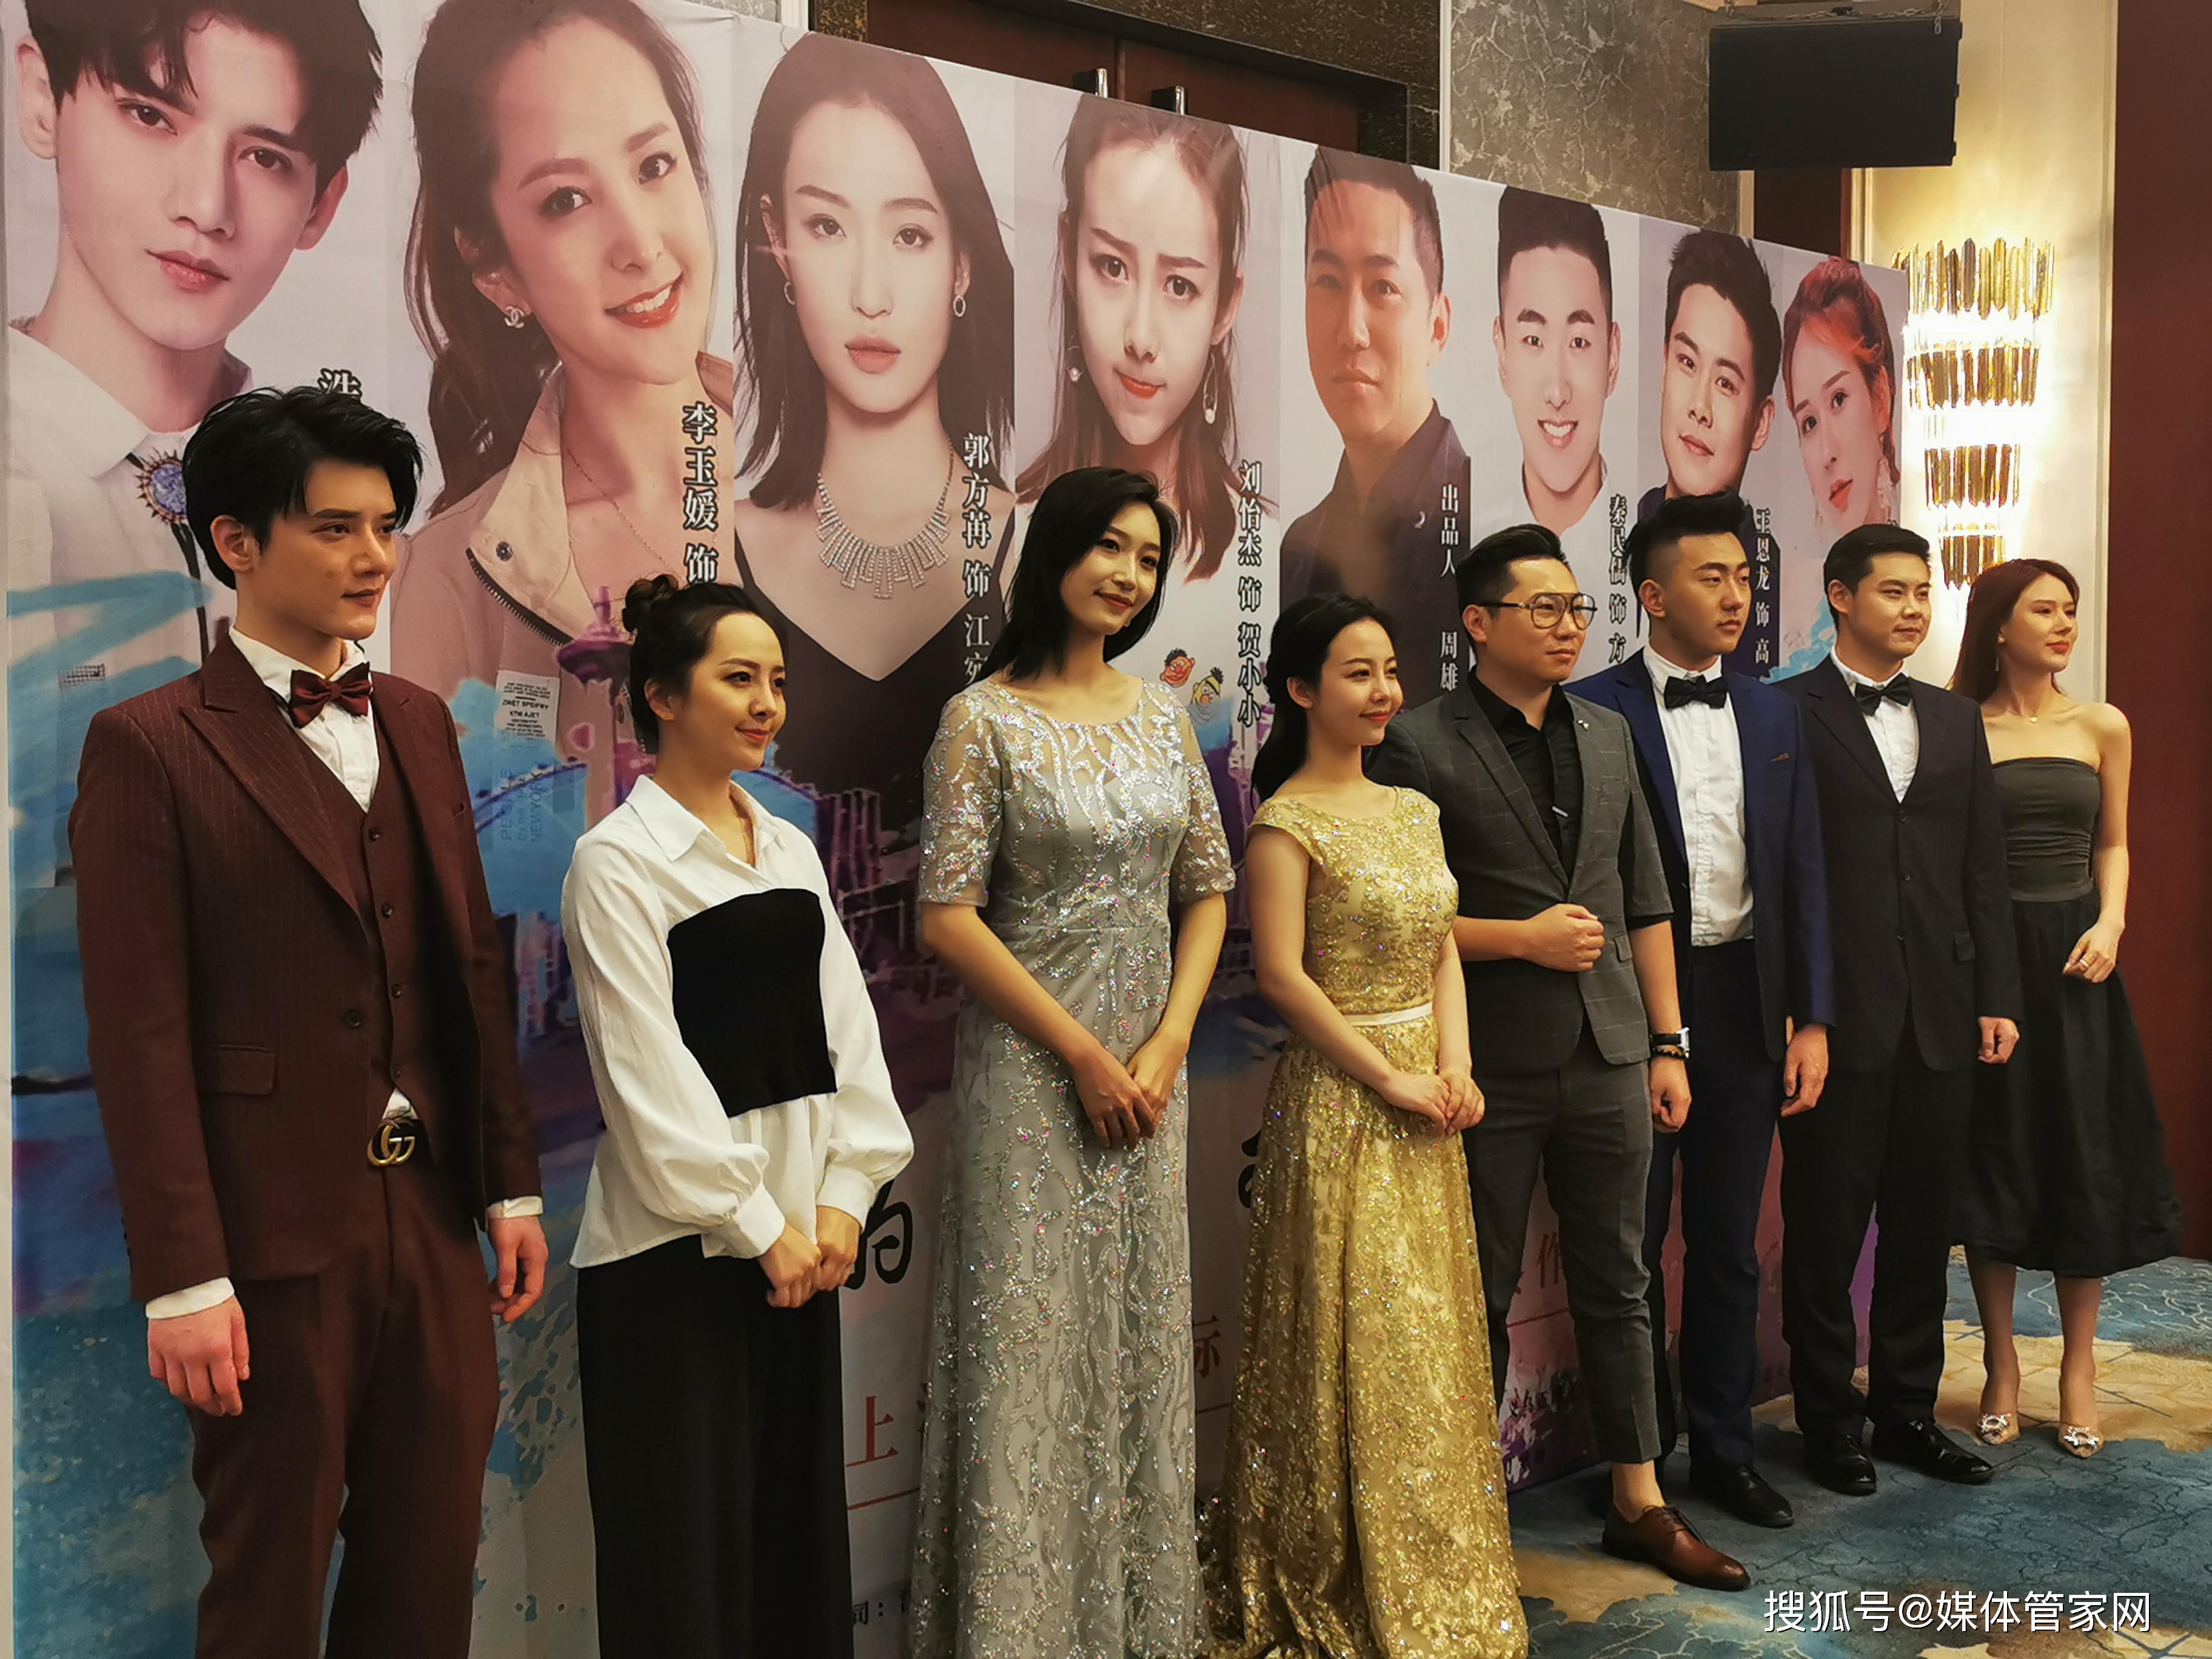 电影《我的世界对你打了烊》在南京金太隆酒店宴会厅举行启动仪式新闻发布会